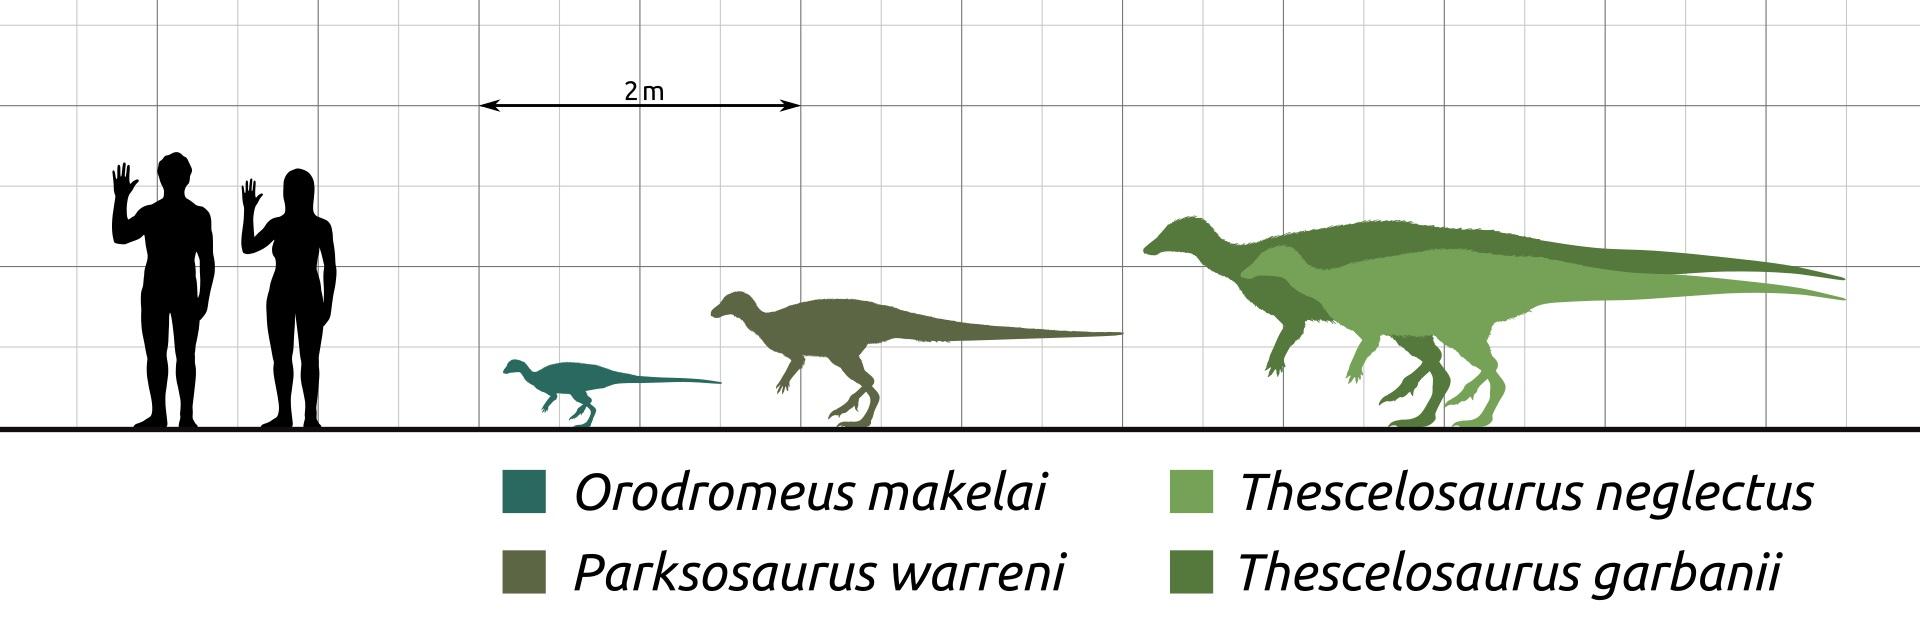 Thescelosaurusbyl podstatně větší a robustnější ornitopod než jeho příbuznýOrodromeus, o kterém víme takřka s jistotou, že vyhrabával podzemní nory. Dokázal to samé také o 30 milionů let mladší dinosaurus, žijící až na samotném rozhraní křídy a pal